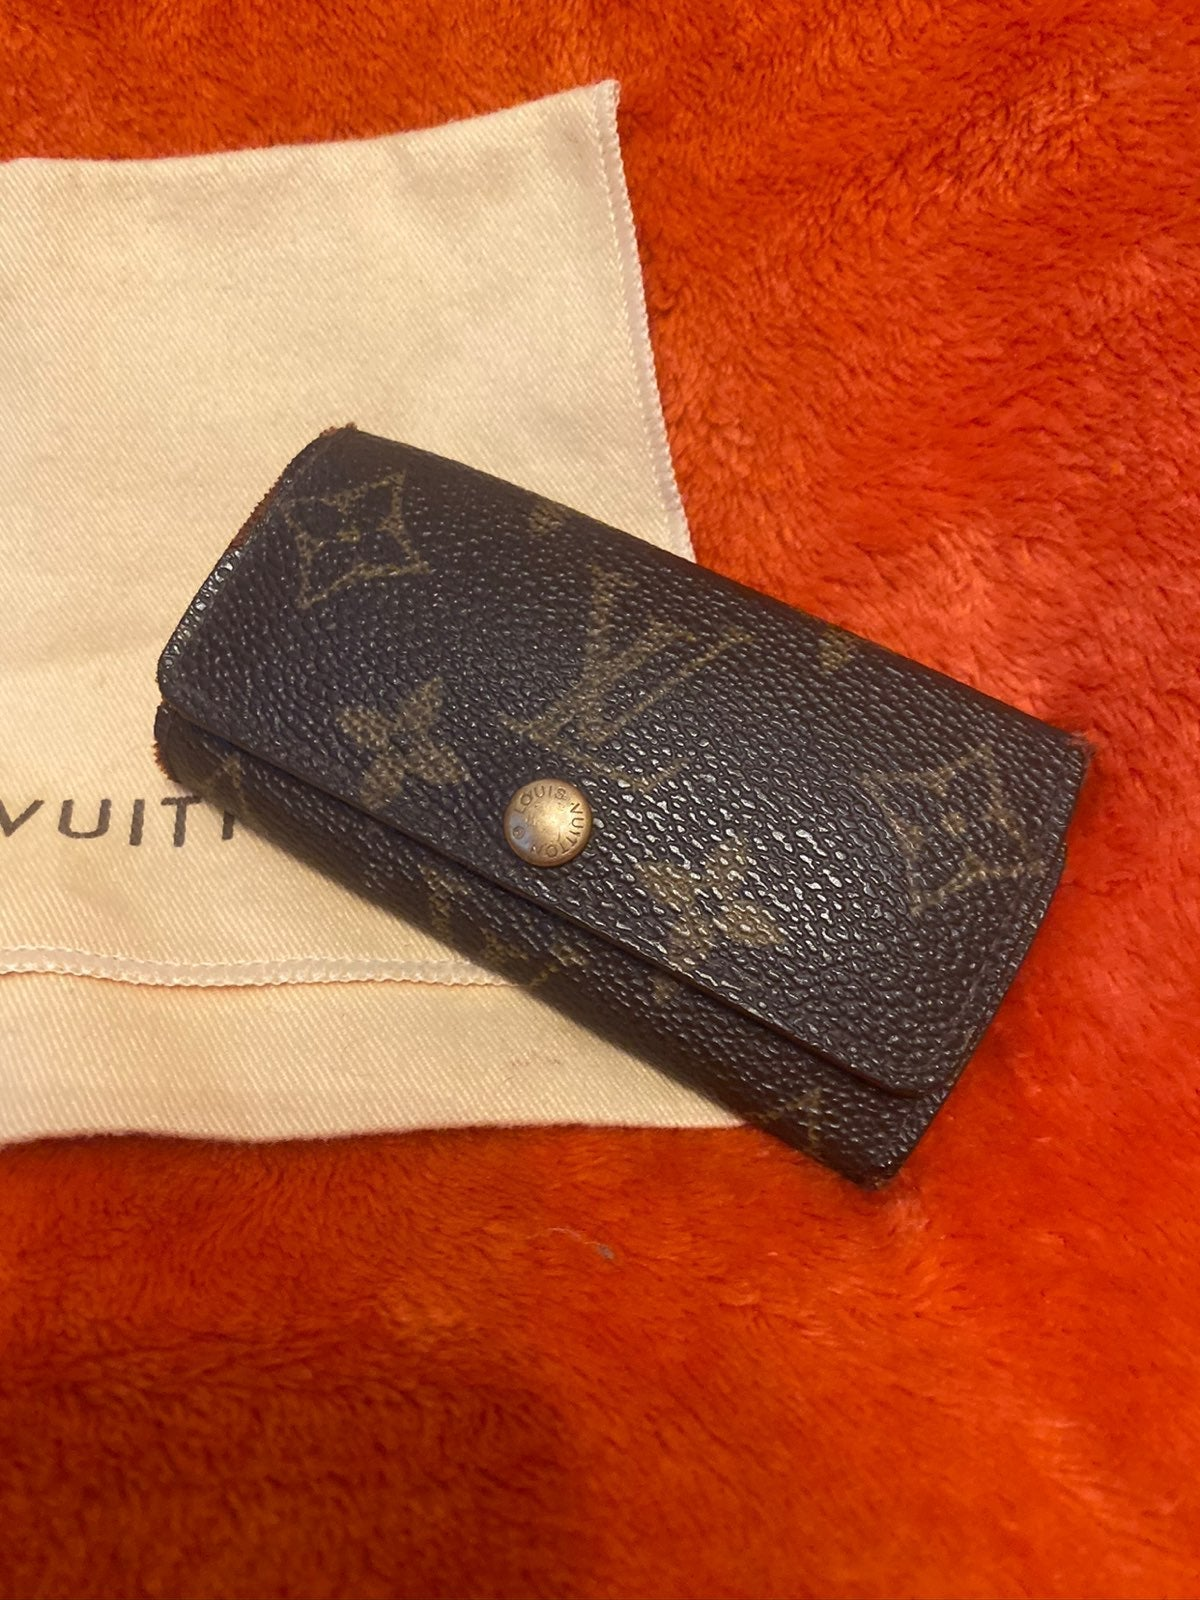 Louis Vuitton keychain